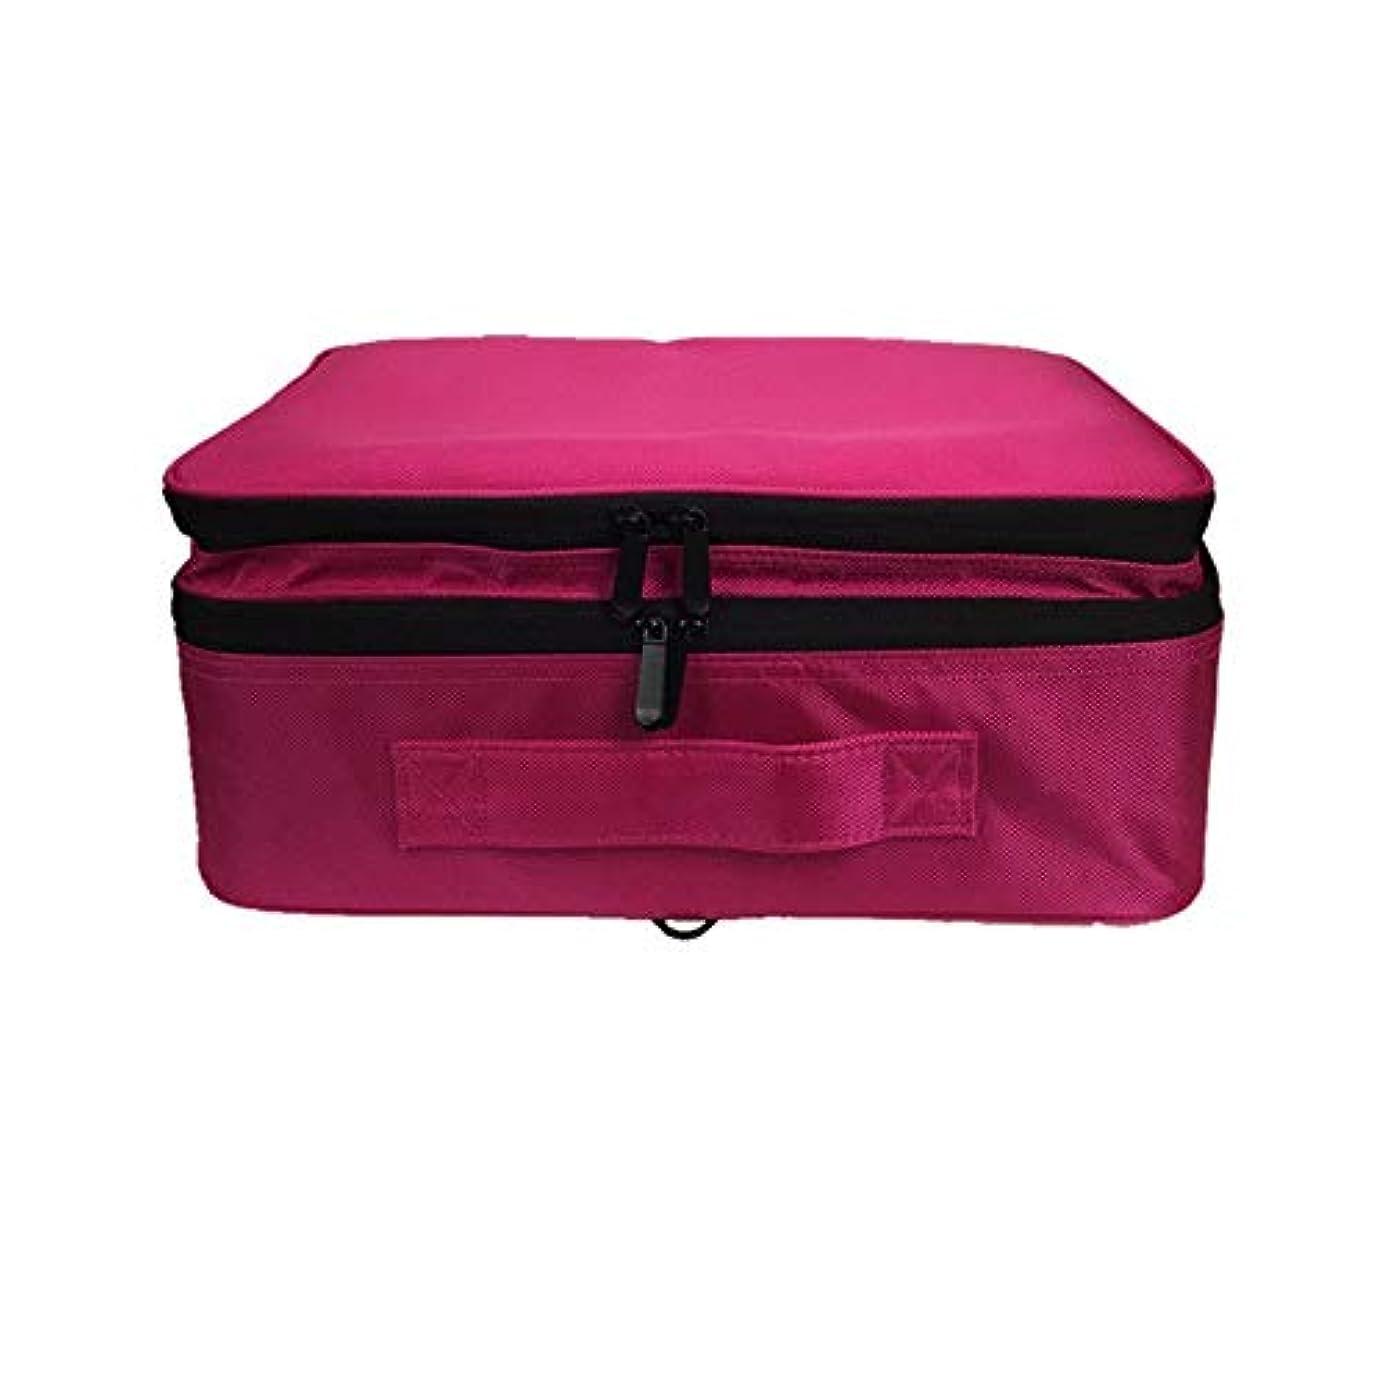 化粧オーガナイザーバッグ 調整可能な仕切り付き防水メイクアップバッグ旅行化粧ケースブラシホルダー 化粧品ケース (色 : 赤)